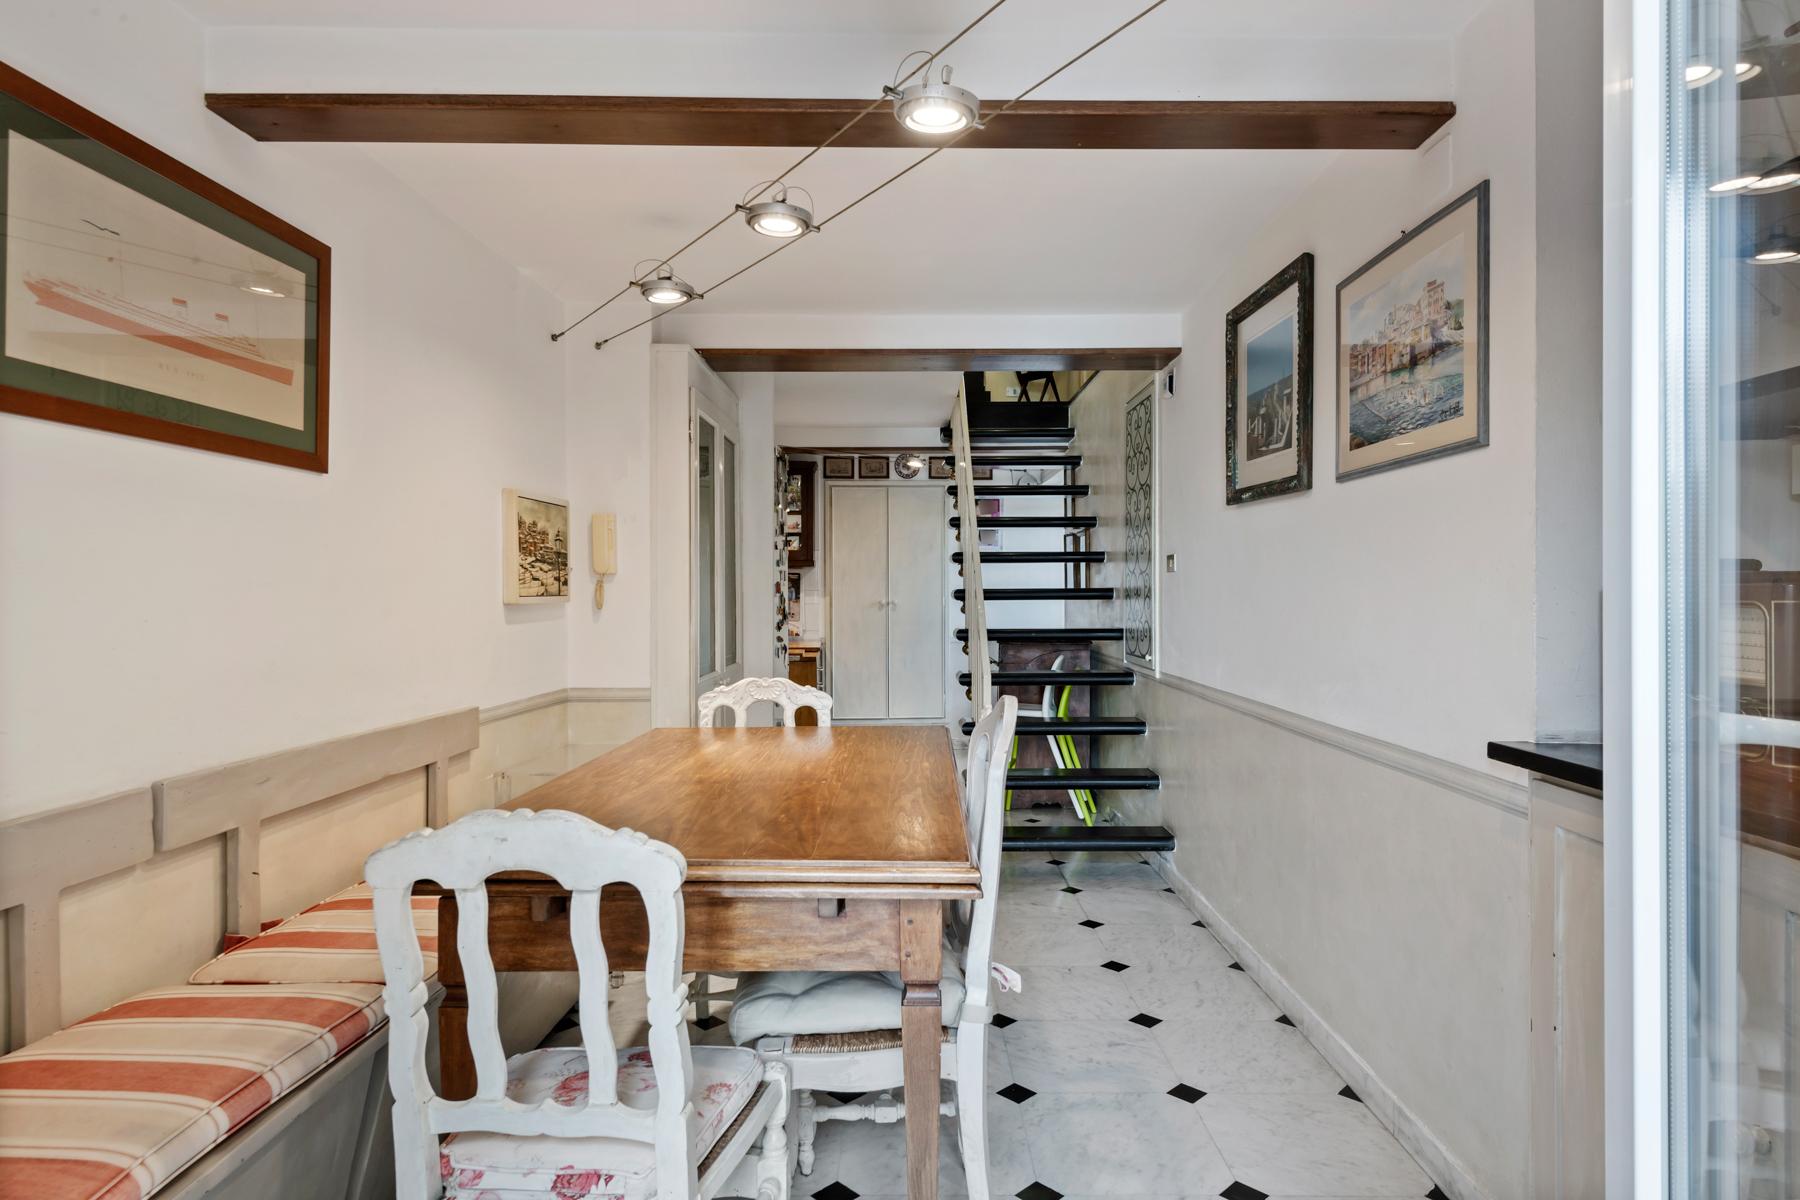 Casa indipendente in Vendita a Genova: 5 locali, 150 mq - Foto 16